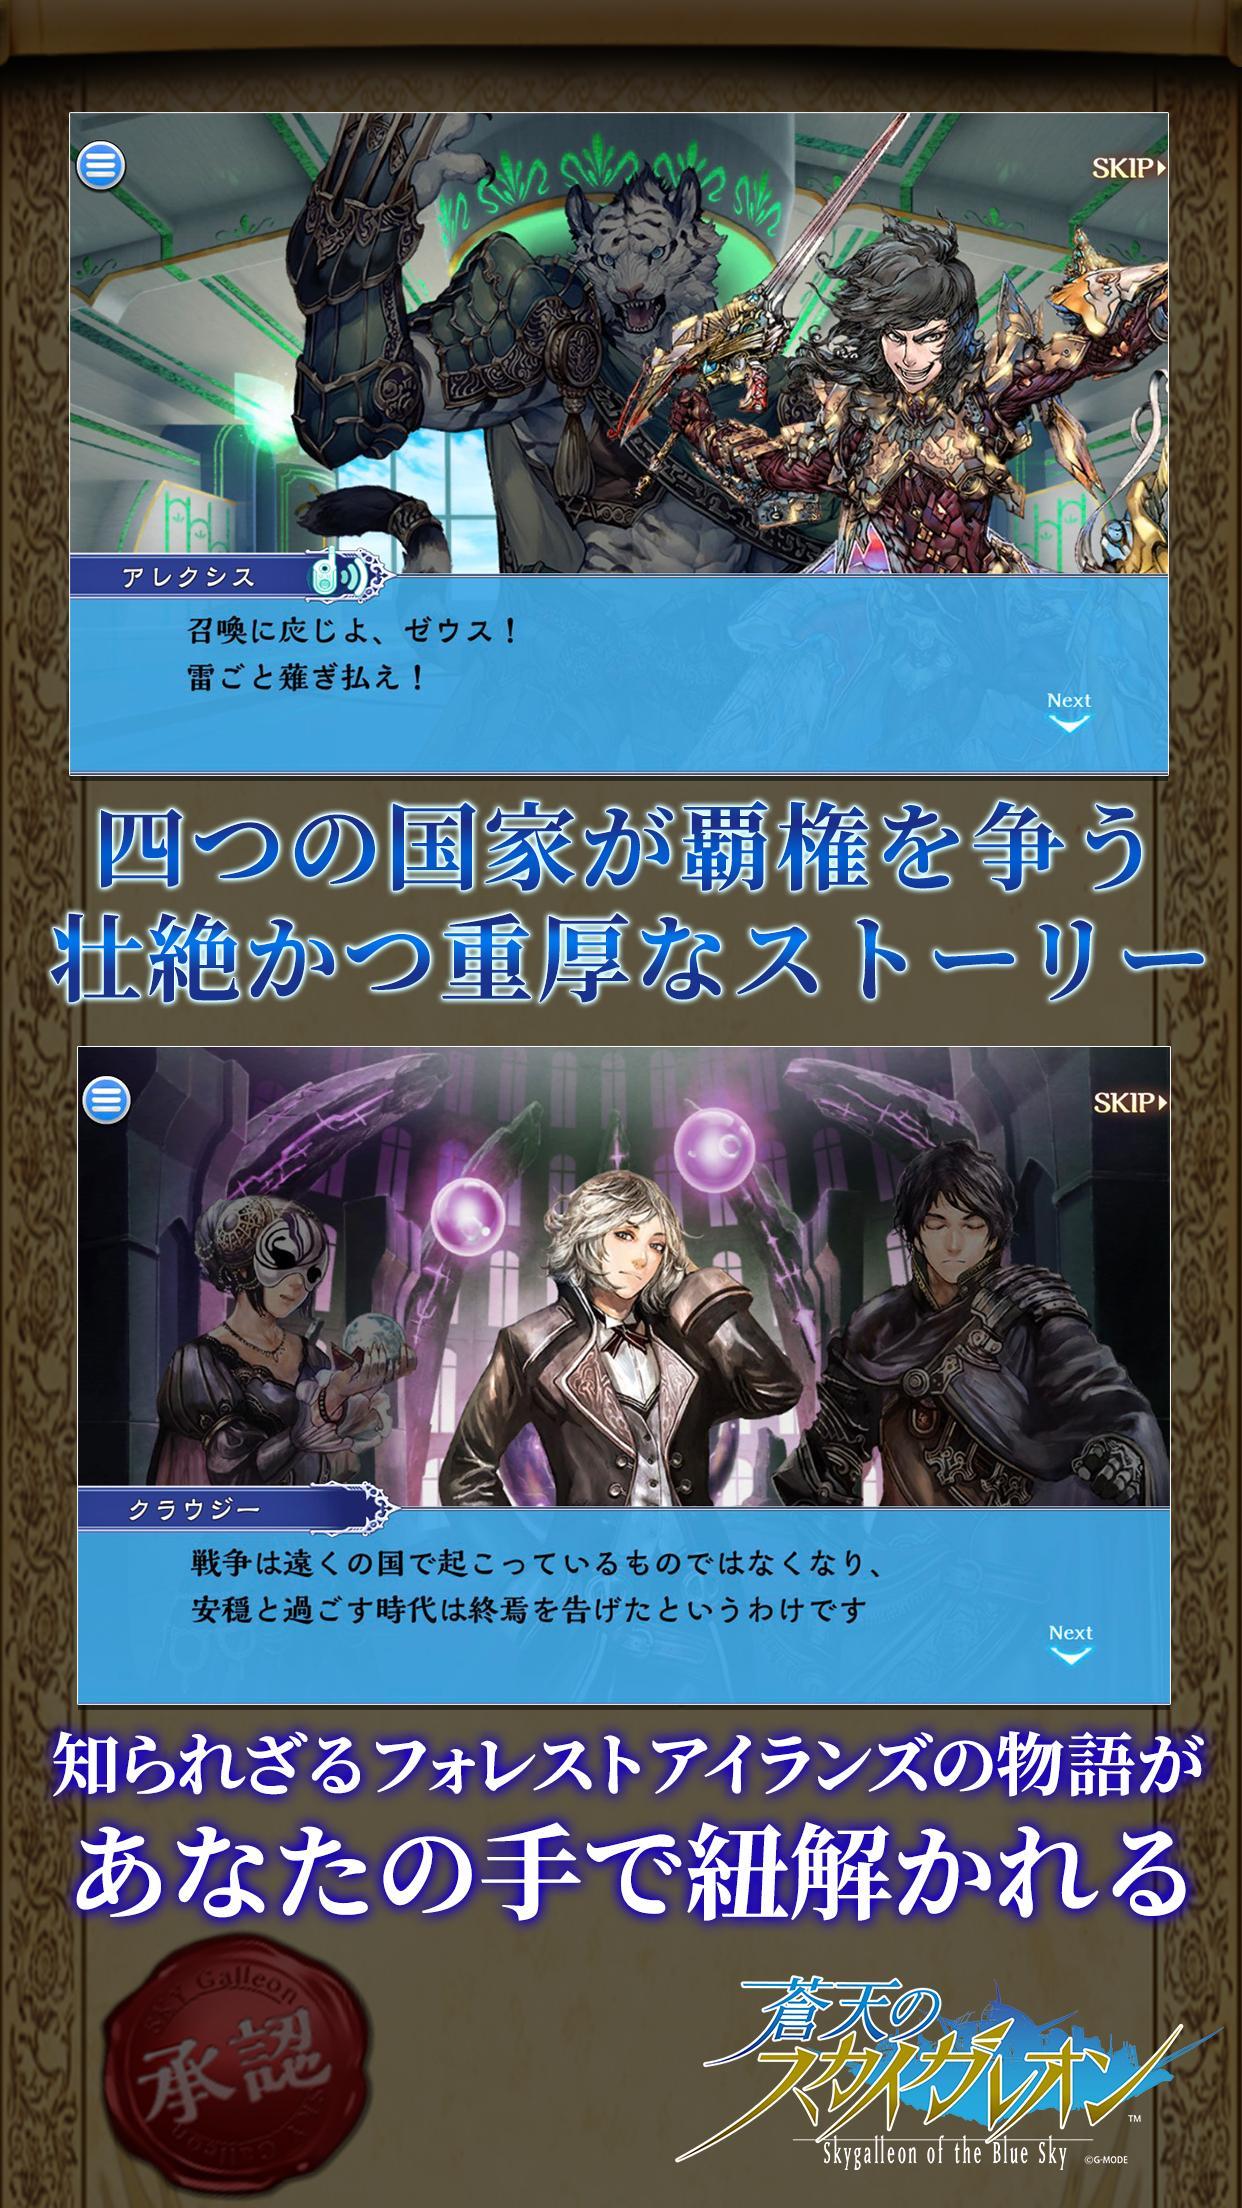 蒼天のスカイガレオン 20.56.10537 Screenshot 4